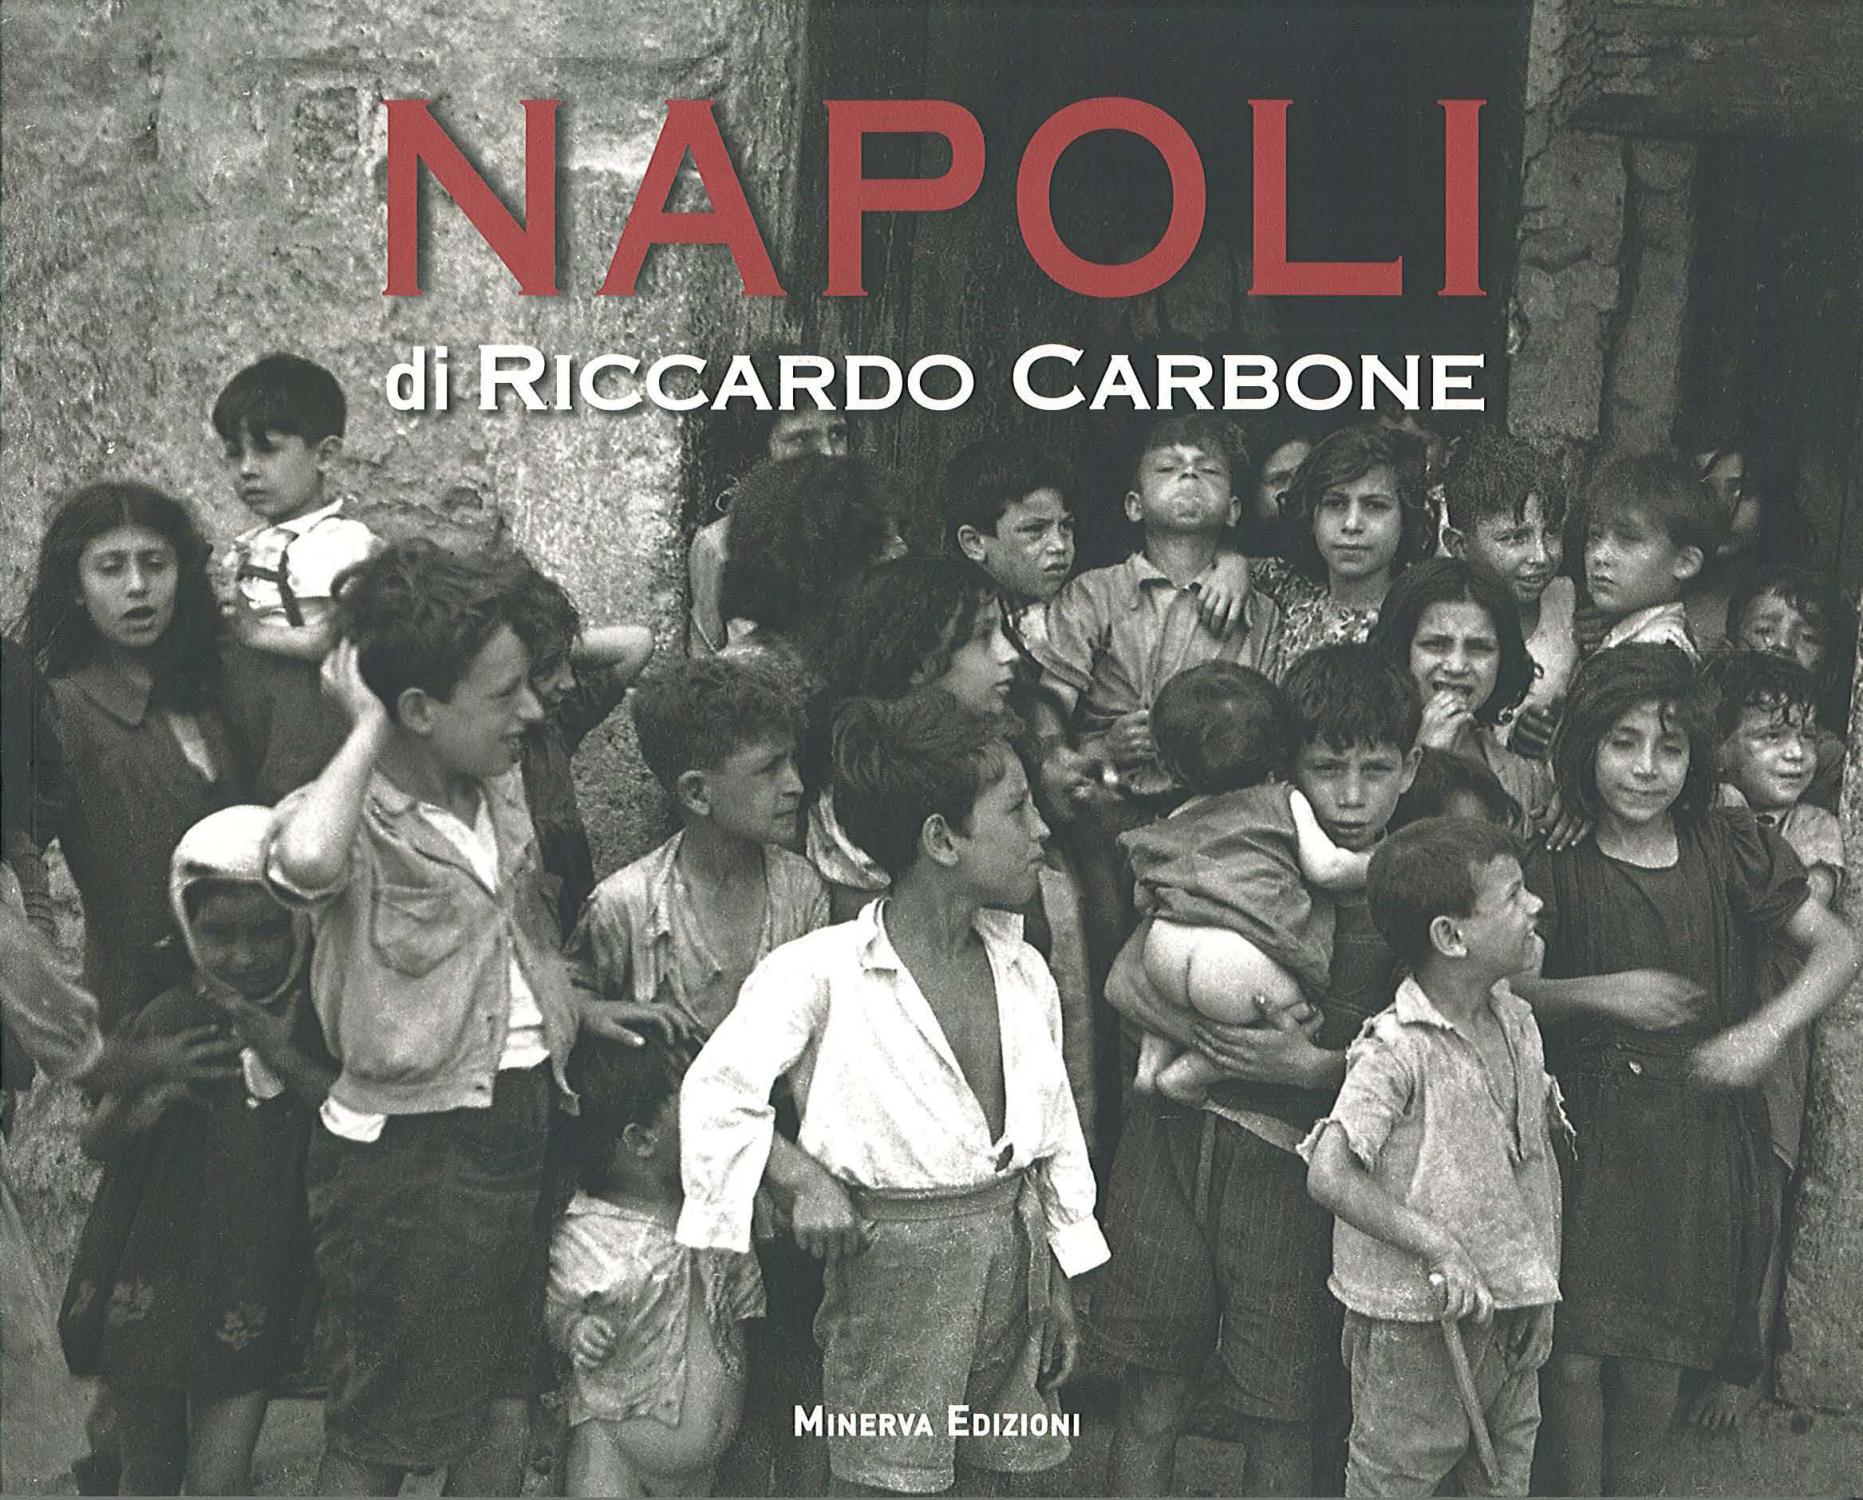 Napoli. Di riccardo carbone. 40 anni di storia nelle immagini di un grande fotoreporter napoletano - Carbone, Riccardo